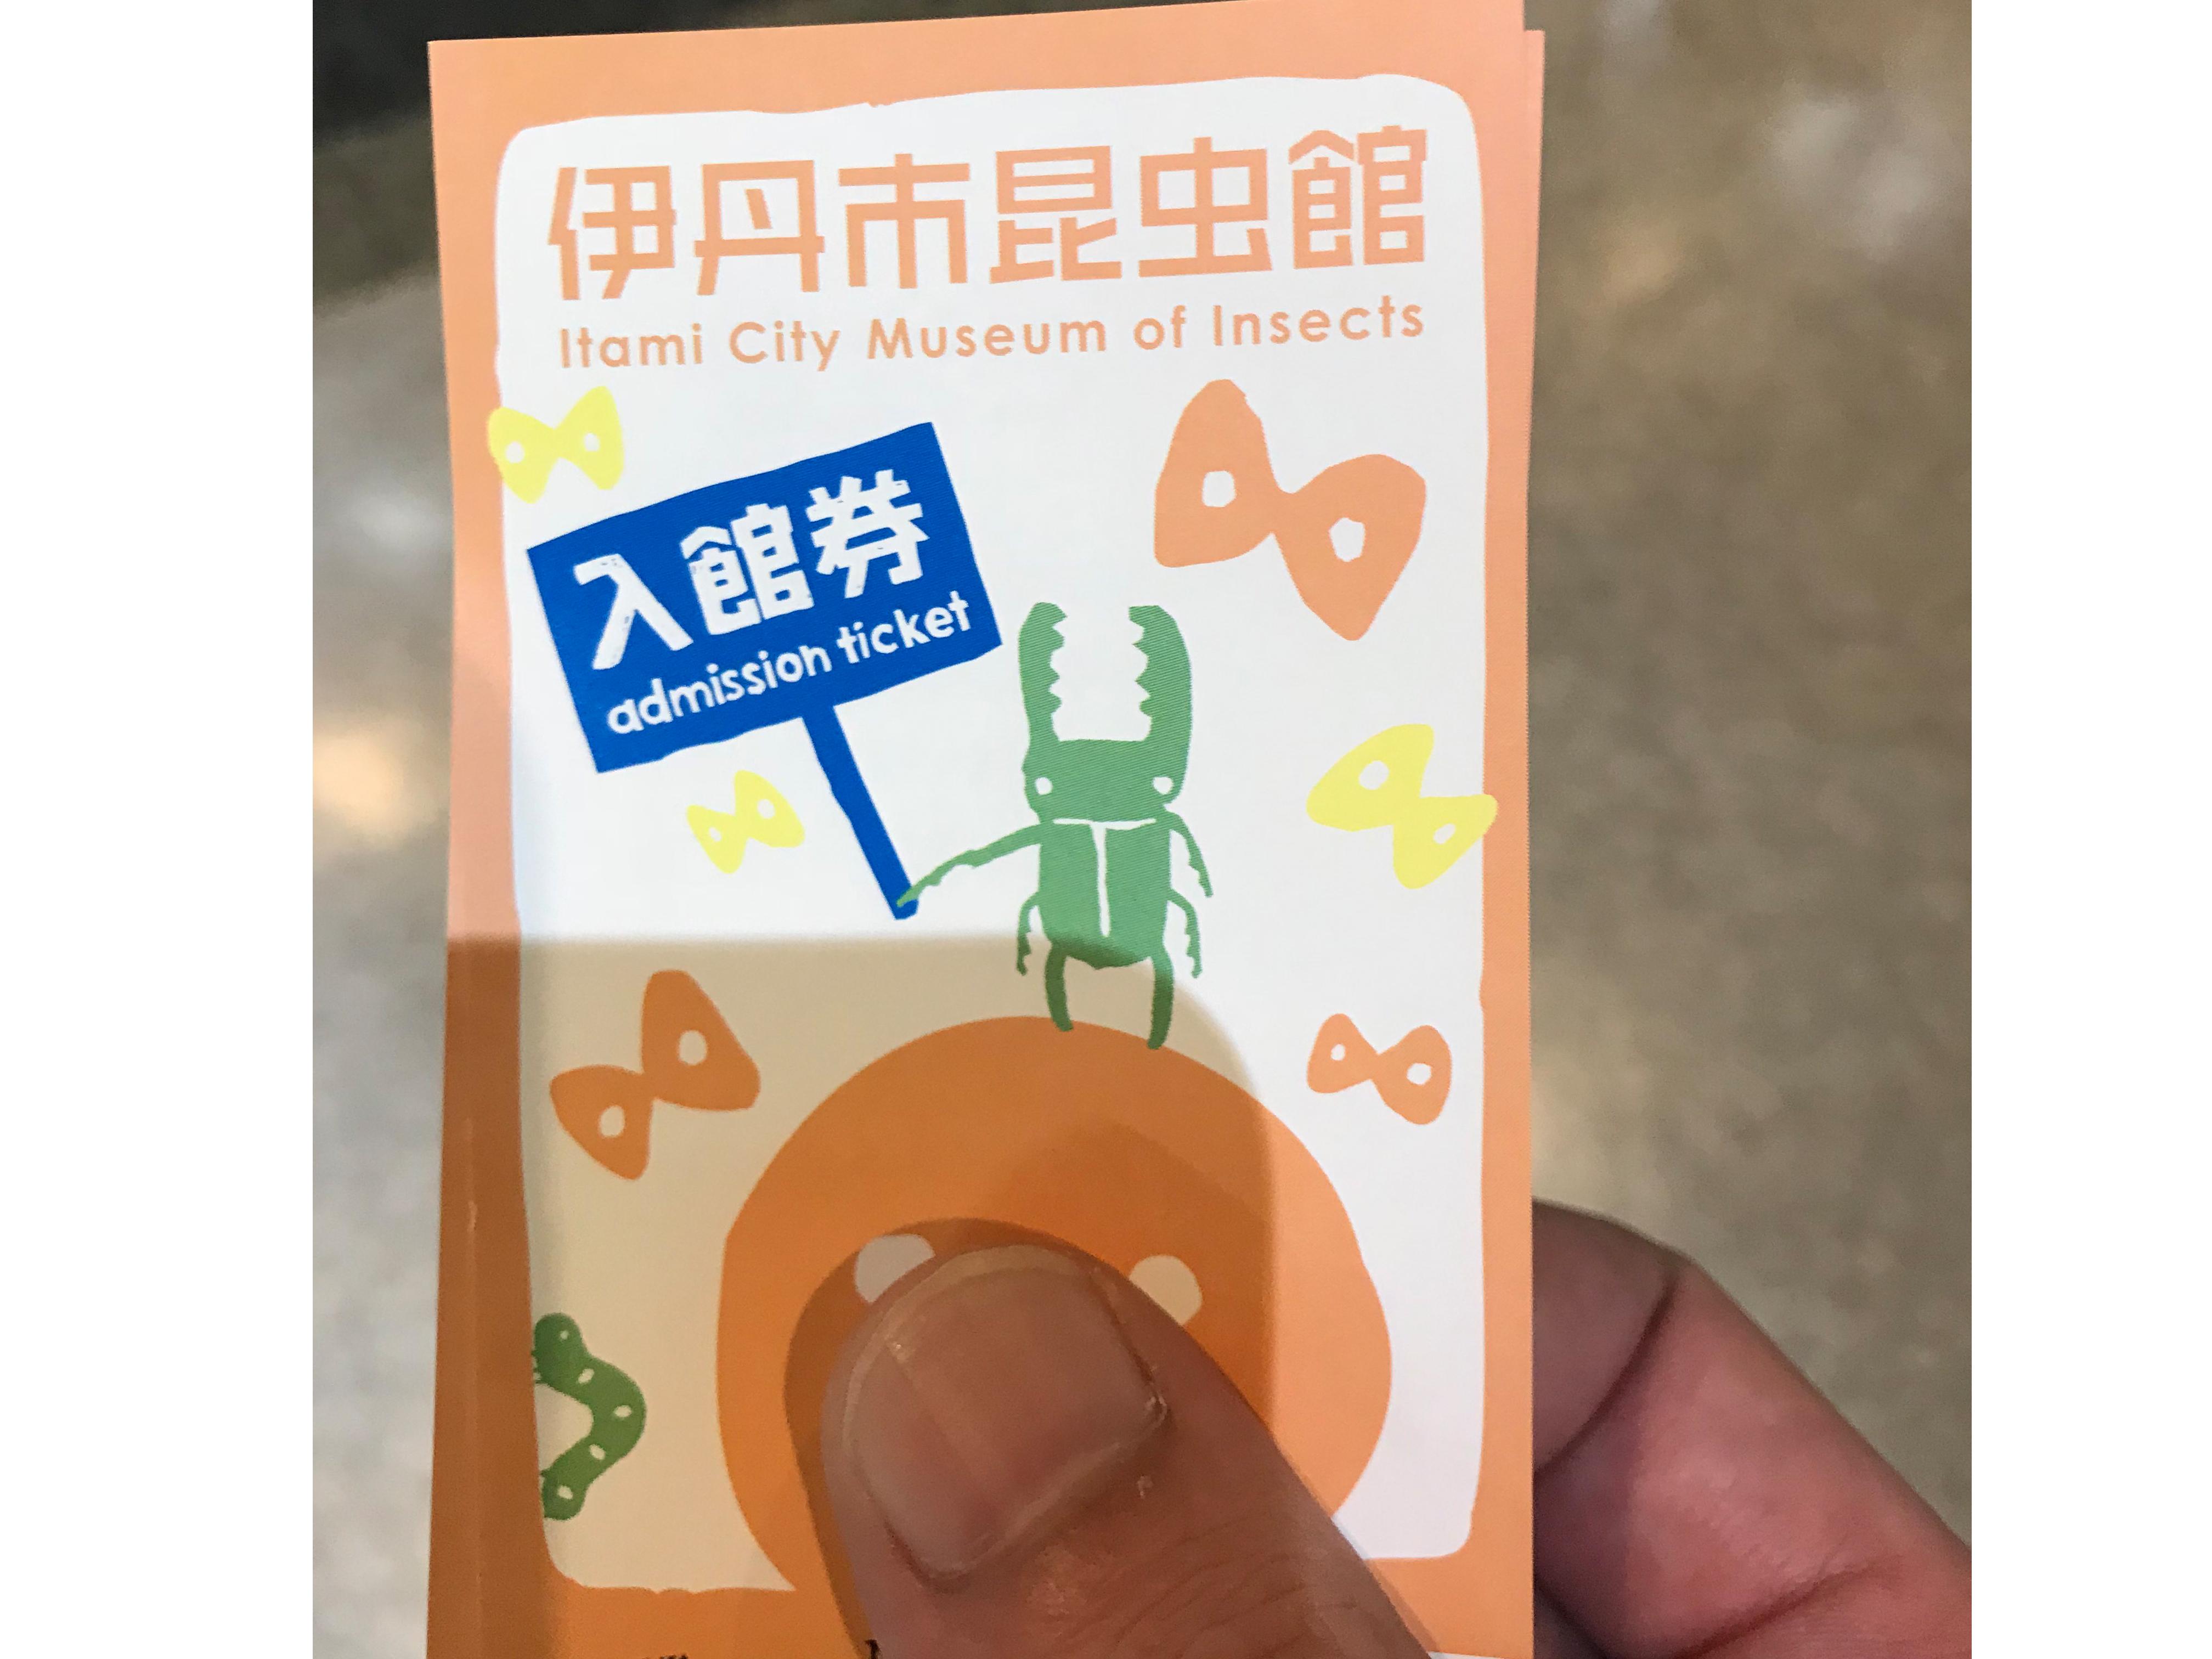 昆虫博物館チケット